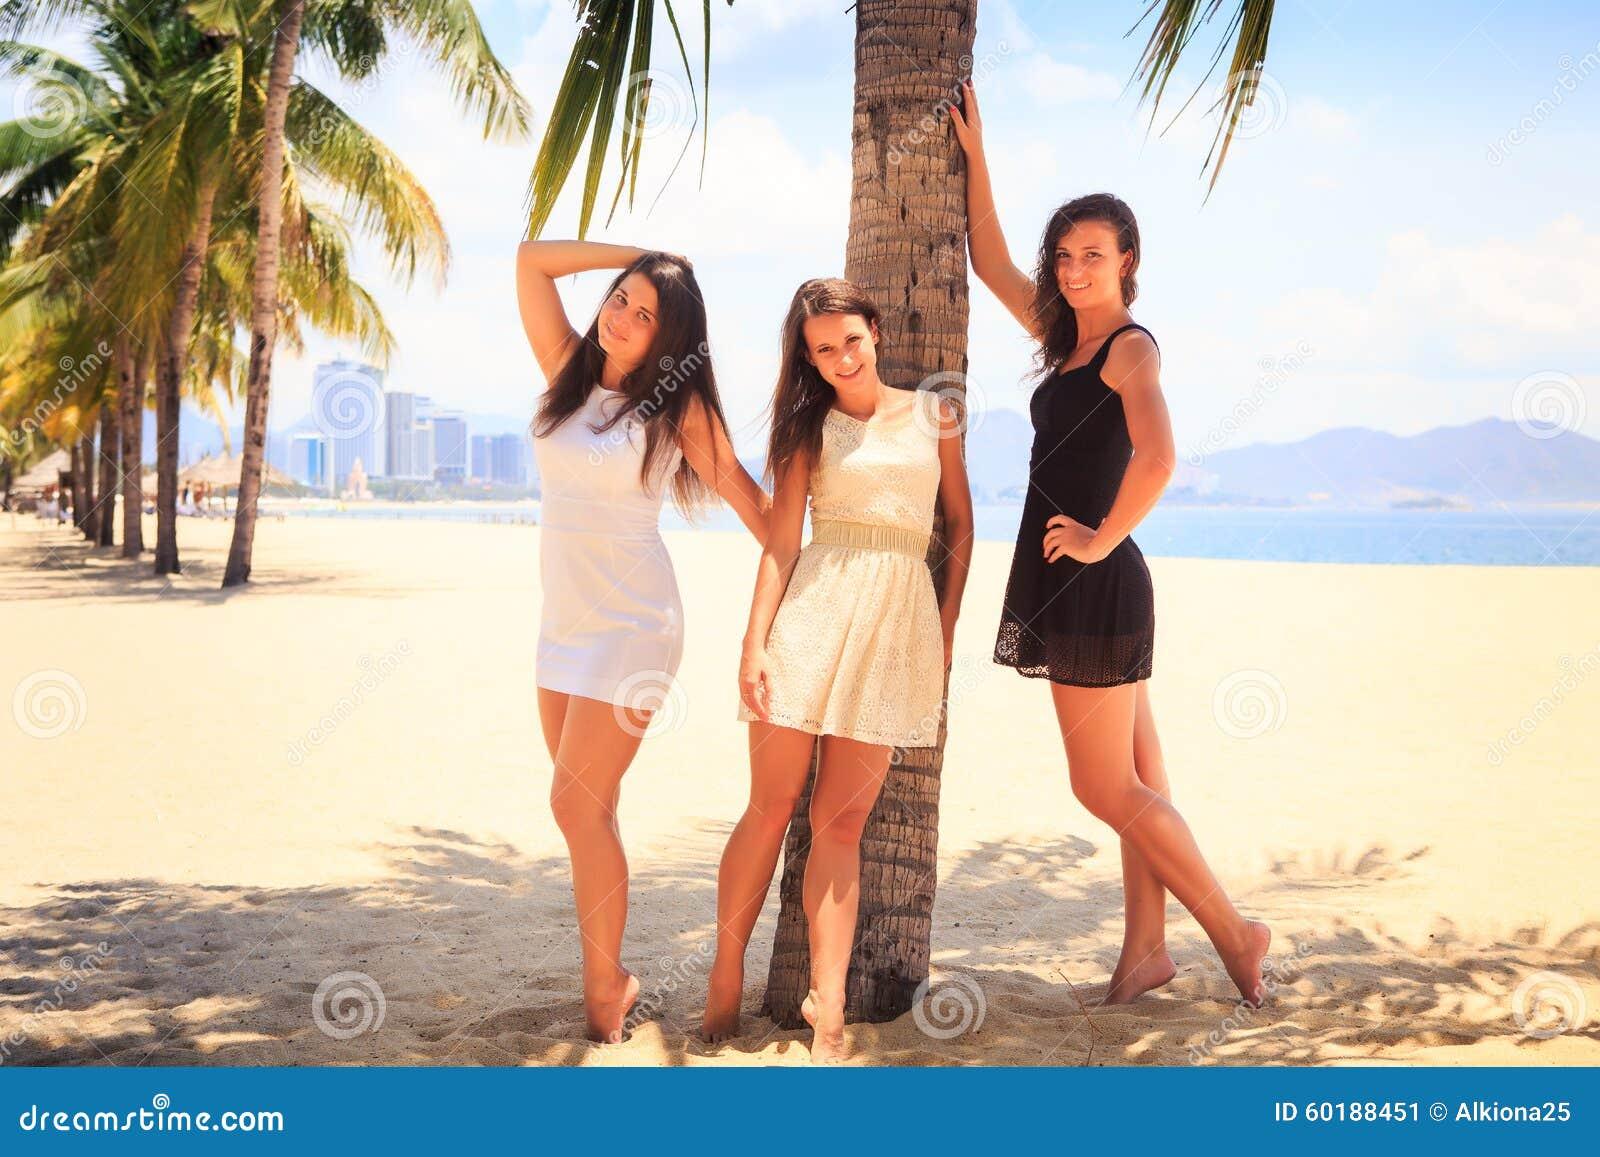 Beach at Slim teen